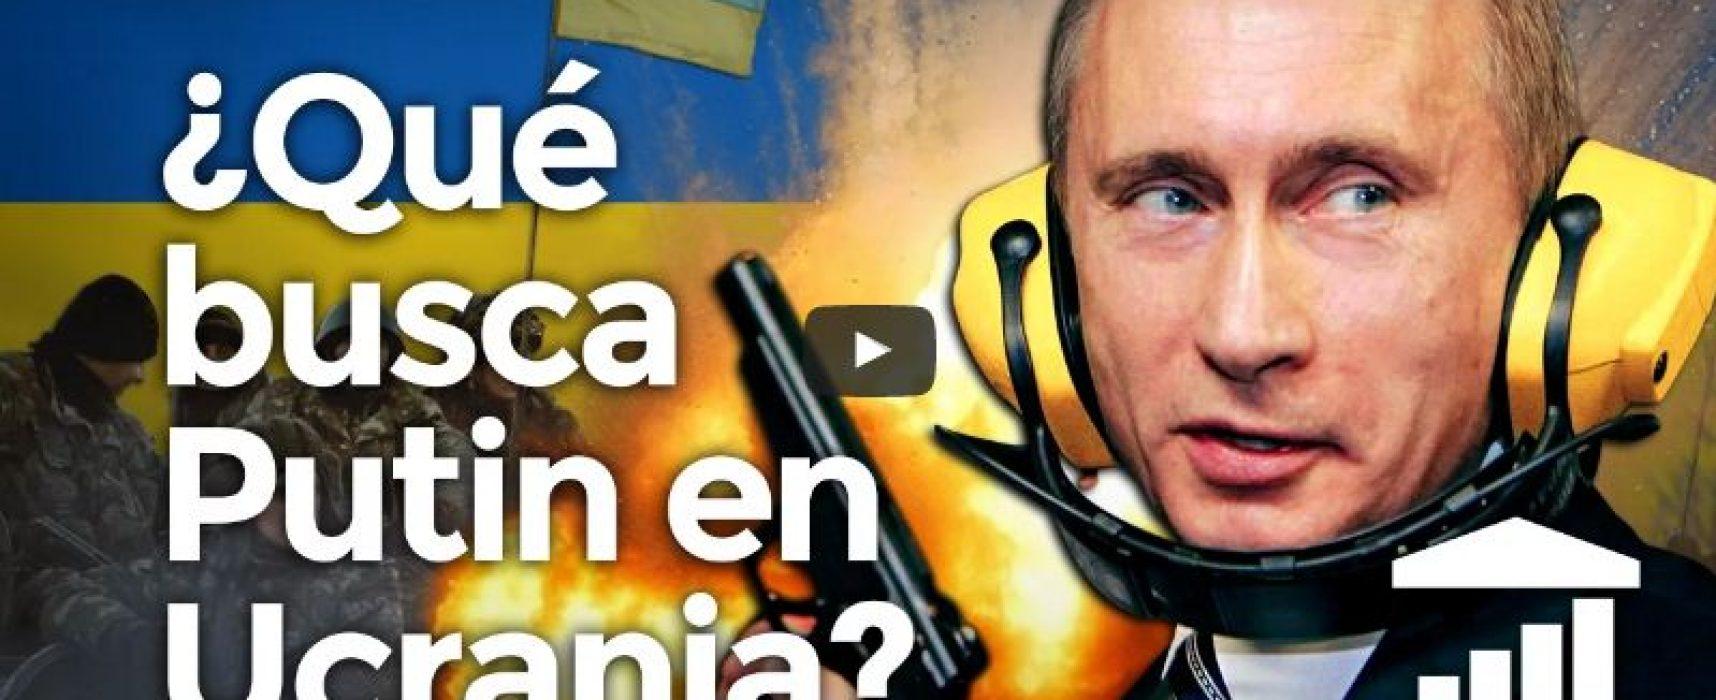 ¿Piensa PUTIN en invadir UCRANIA? – VisualPolitik